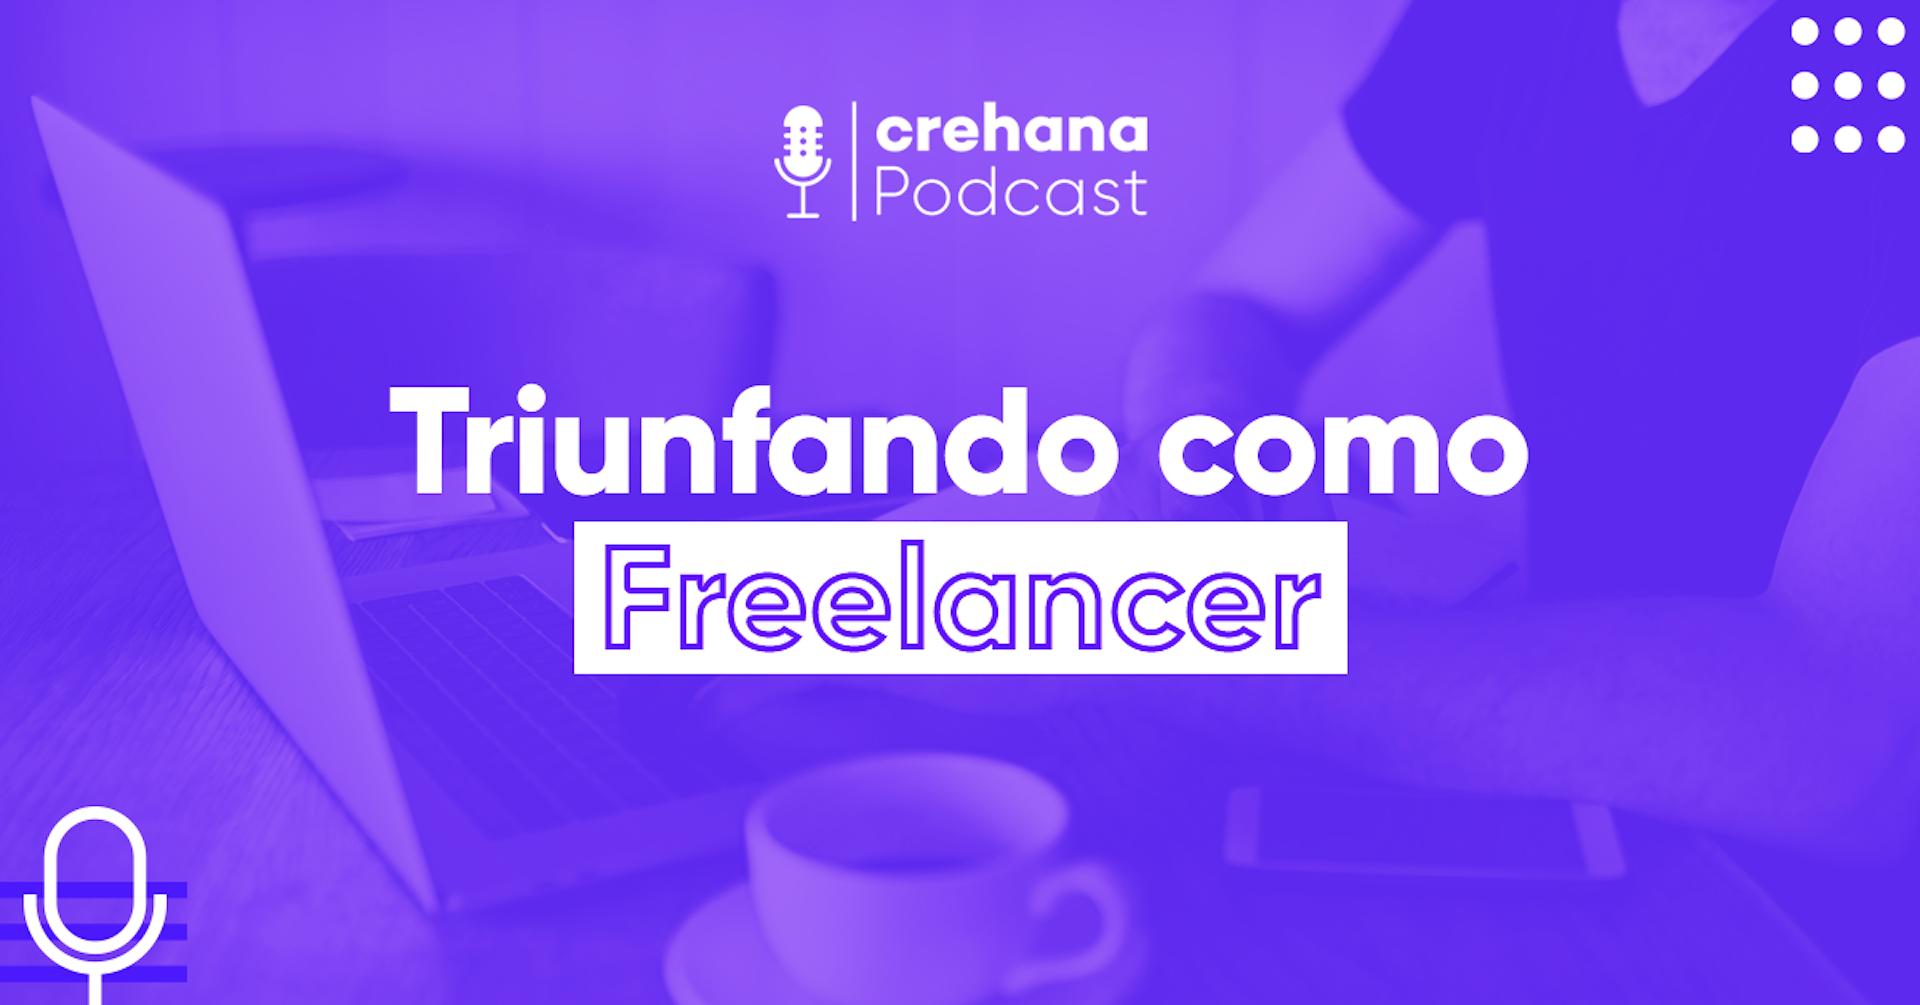 Crehana Podcast: Triunfando como Freelancer